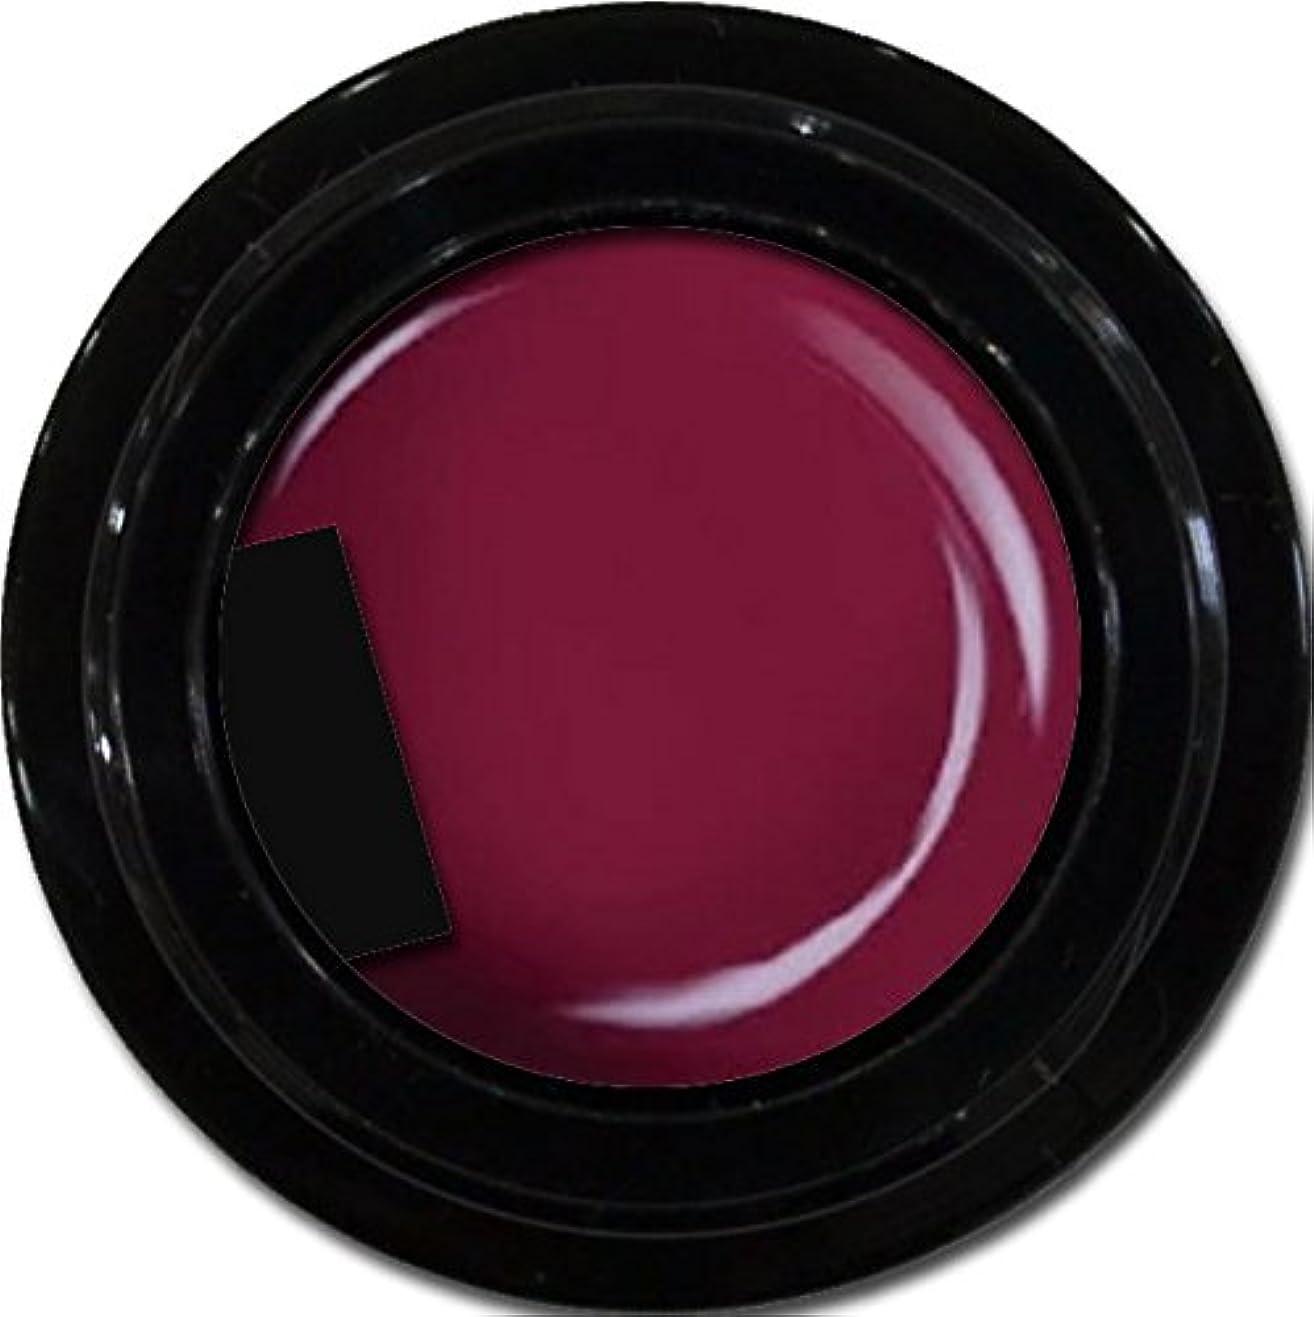 ジャンプクローゼットごちそうカラージェル enchant color gel M211 EnglishPink 3g/ マットカラージェル M211 イングリッシュピンク 3グラム